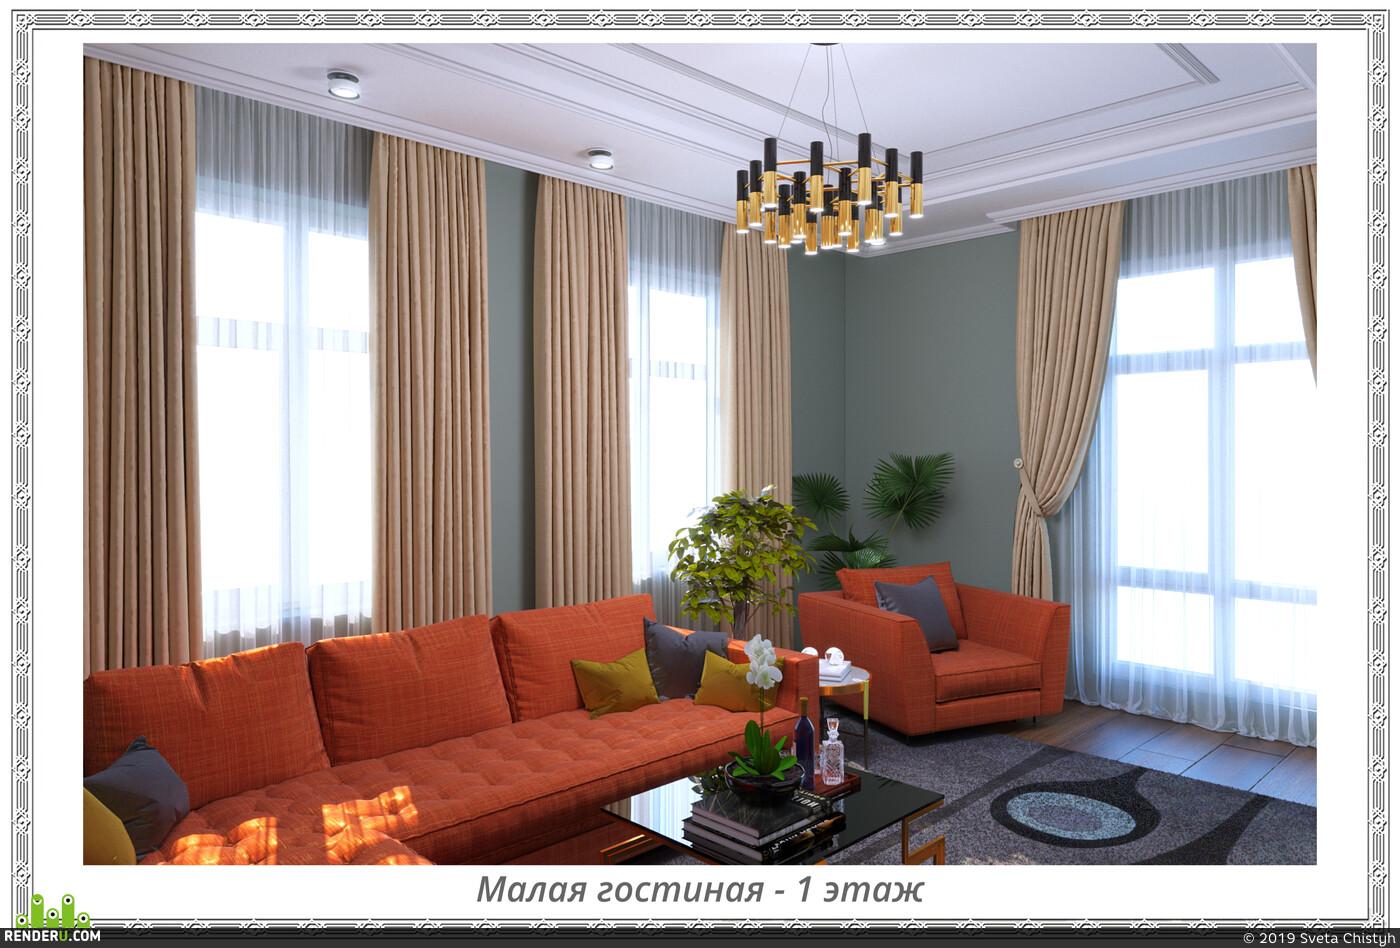 гостиная, мрамор, современный стиль, цветы в интертерьере